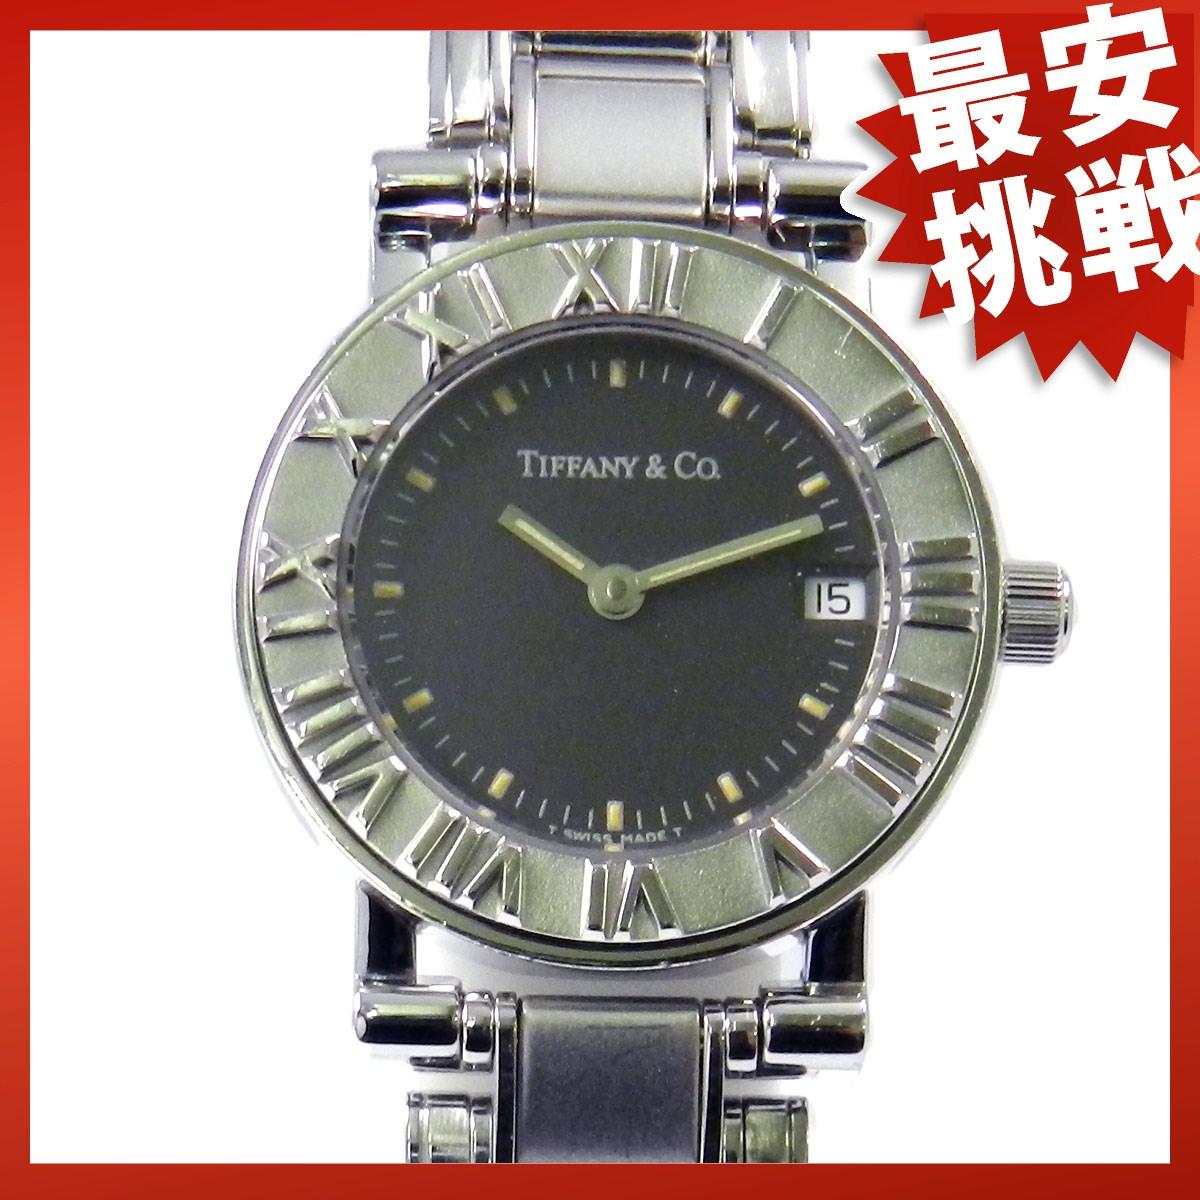 It is an atlas gray SS clock TIFFANY & Co